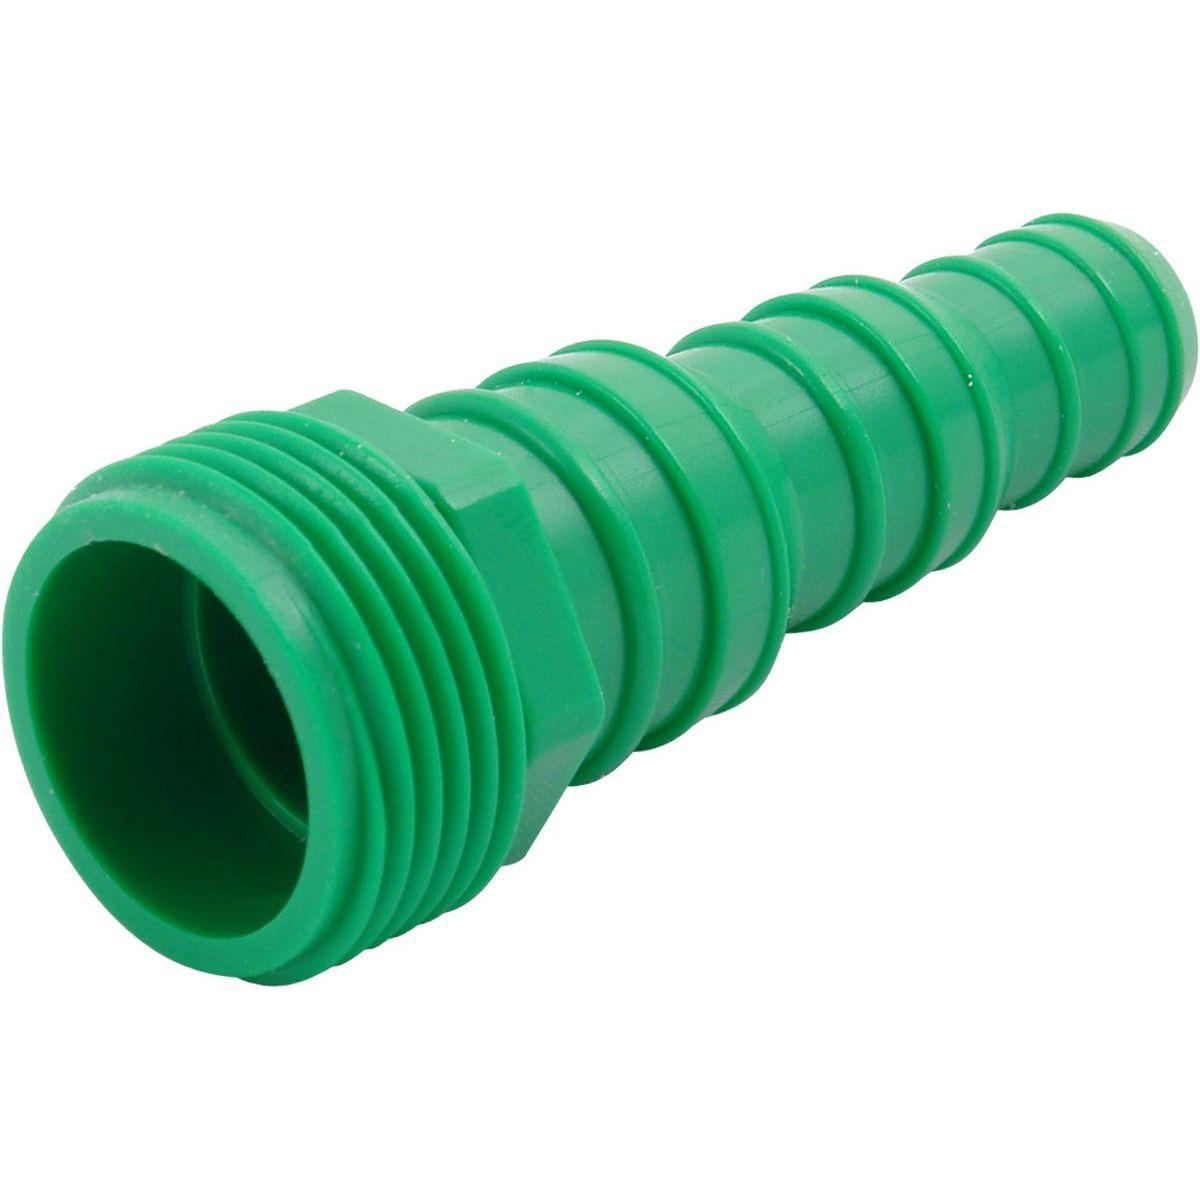 Адаптер поливного шланга Park, универсальный, в пакете, HL019, зеленый, черный адаптер поливного шланга росток внешний 426355